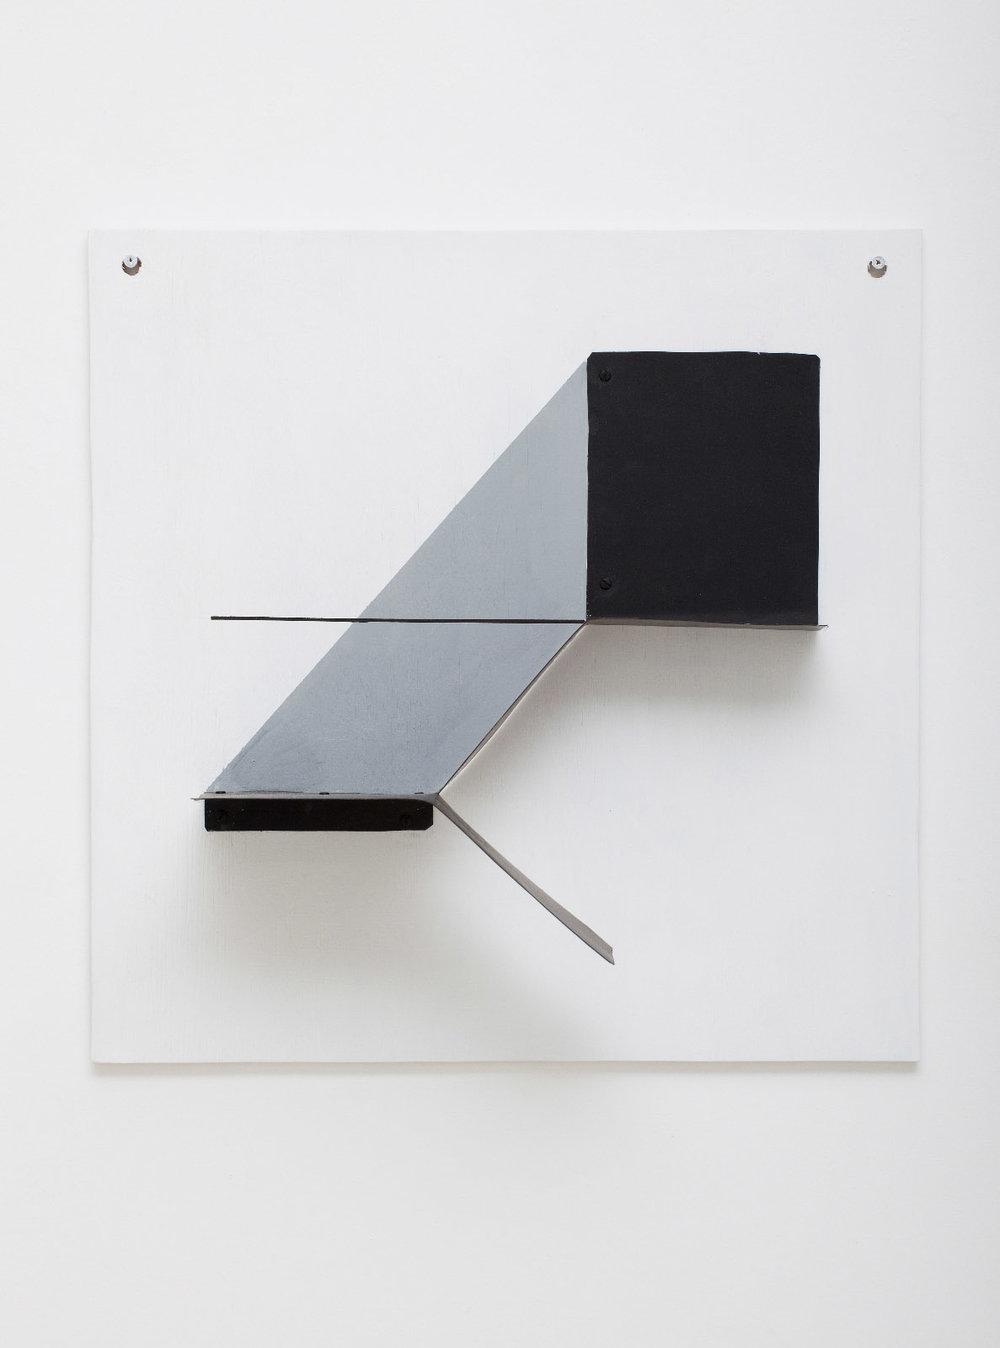 SIMON BLAU  Exit  2010 enamel on tin and plywood 50 ×50 cm